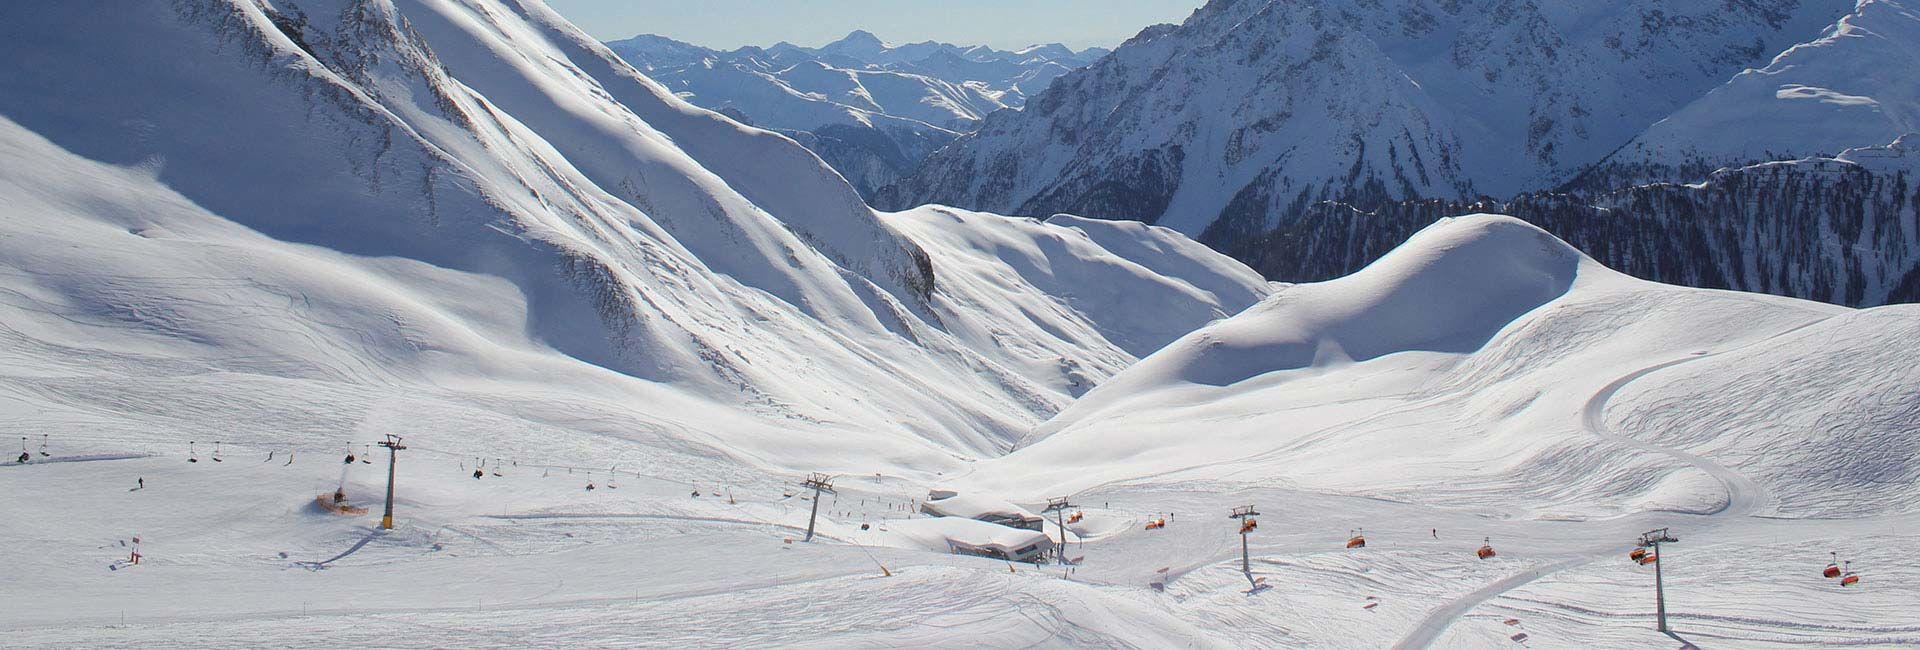 Skiurlaub Samnaun - Bergbahnen Samnaun